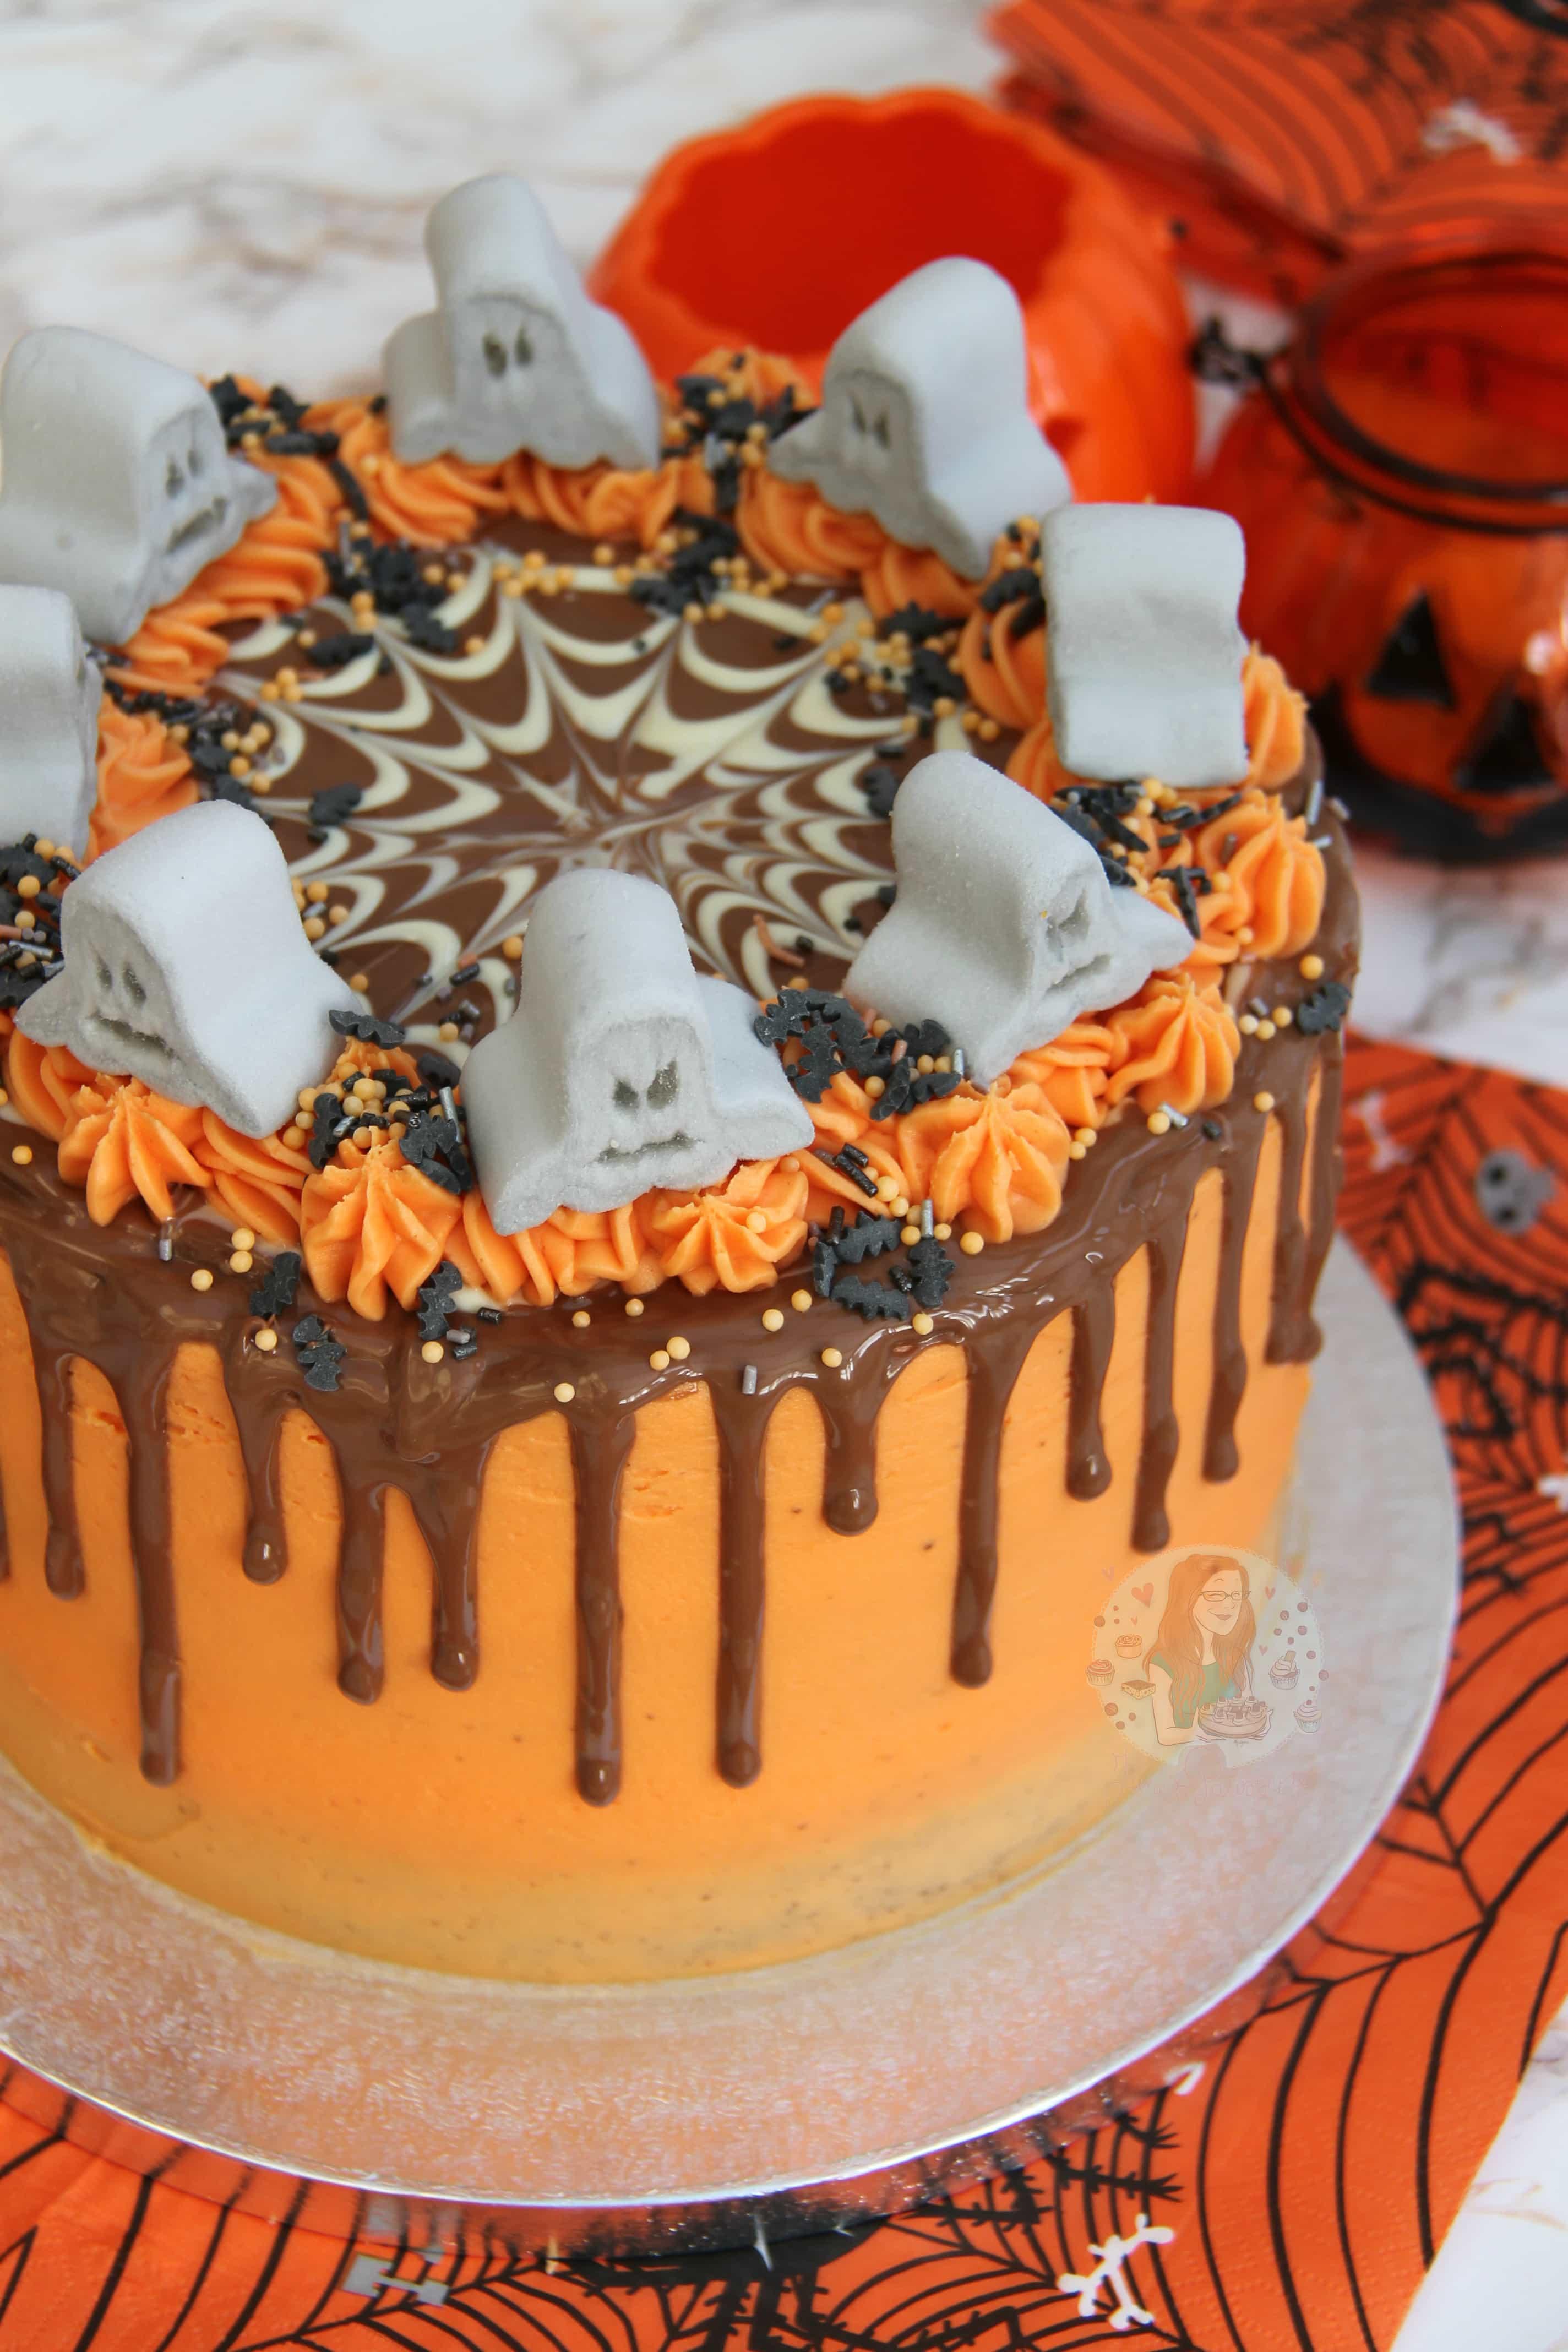 Moule Christmas Cake